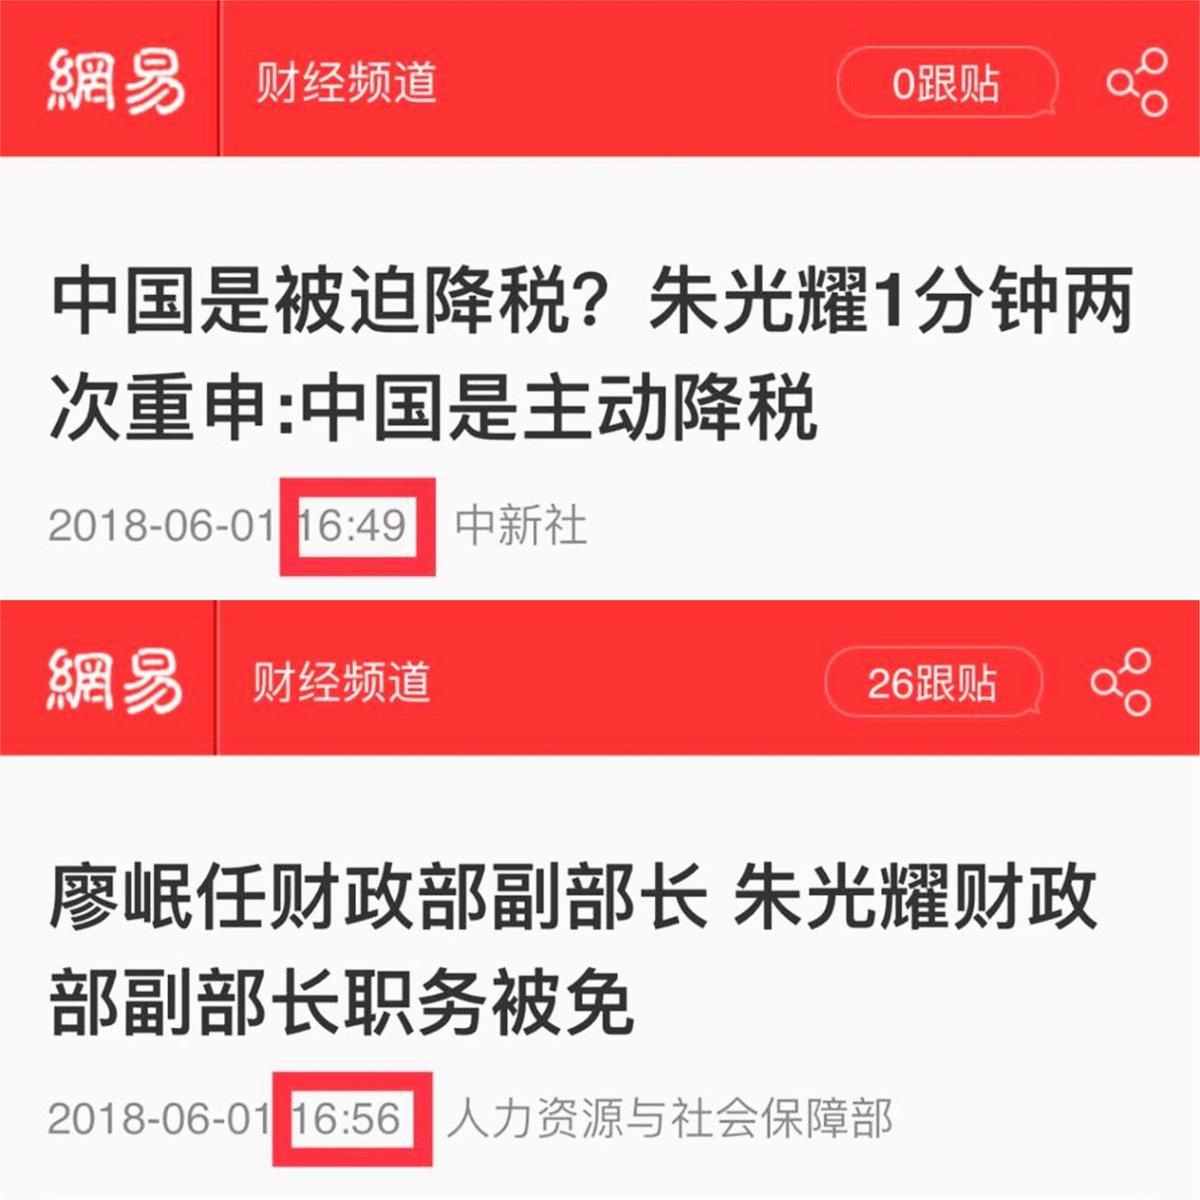 朱光耀的免職的消息距離媒體發表他關於減稅回應,前後僅差7分鐘。(網頁擷圖)